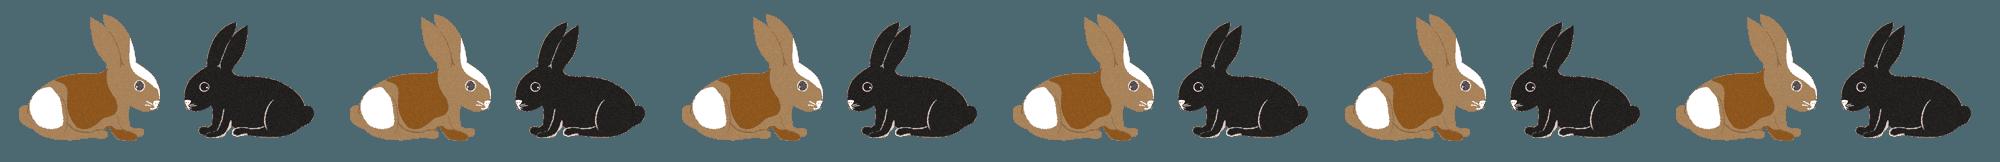 ぶち模様と黒ウサギのキュートなイラストライン